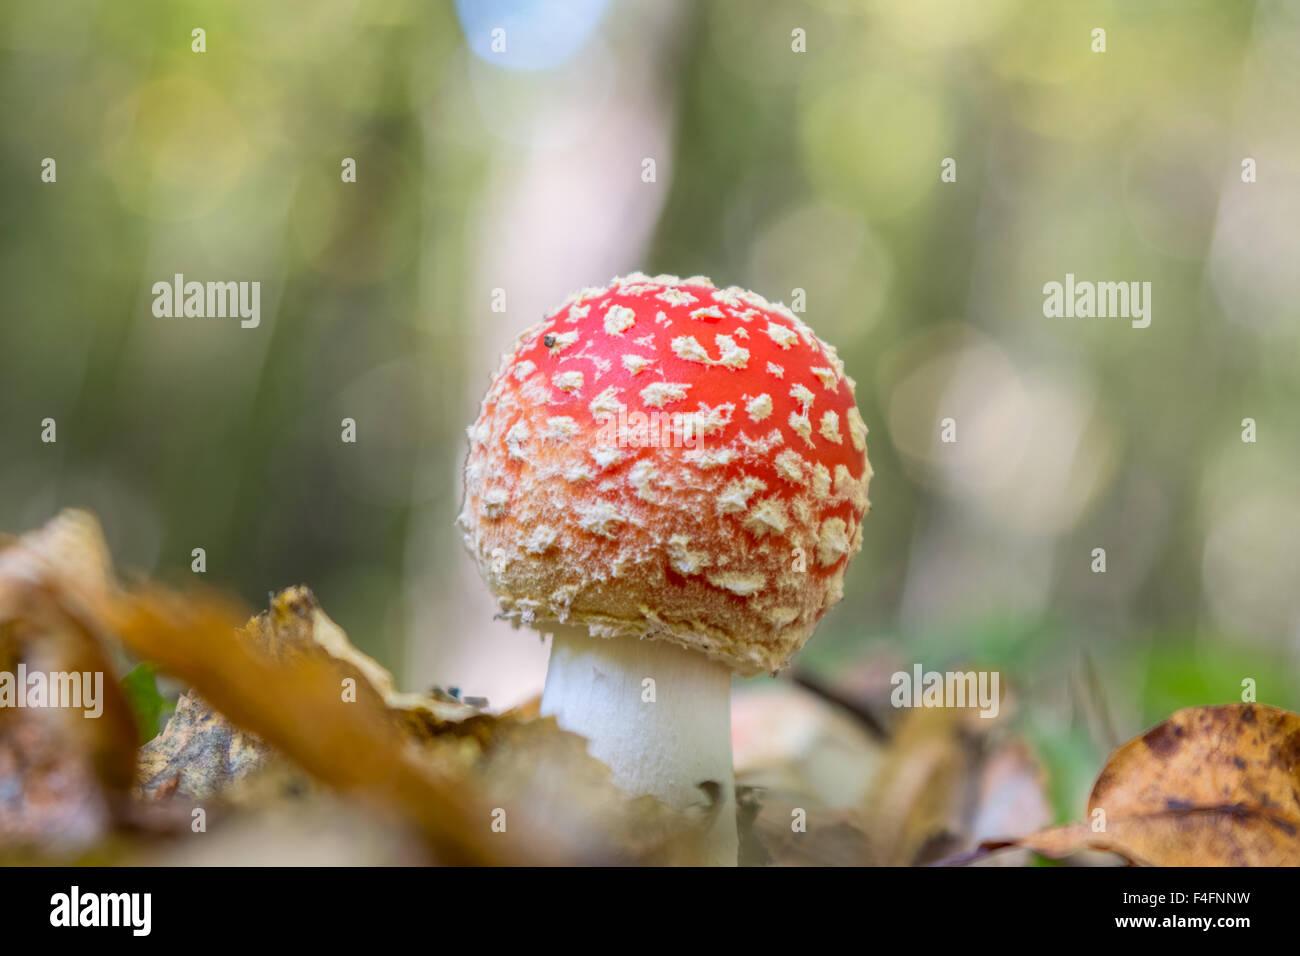 Fungo Amanita nella foresta Foto Stock